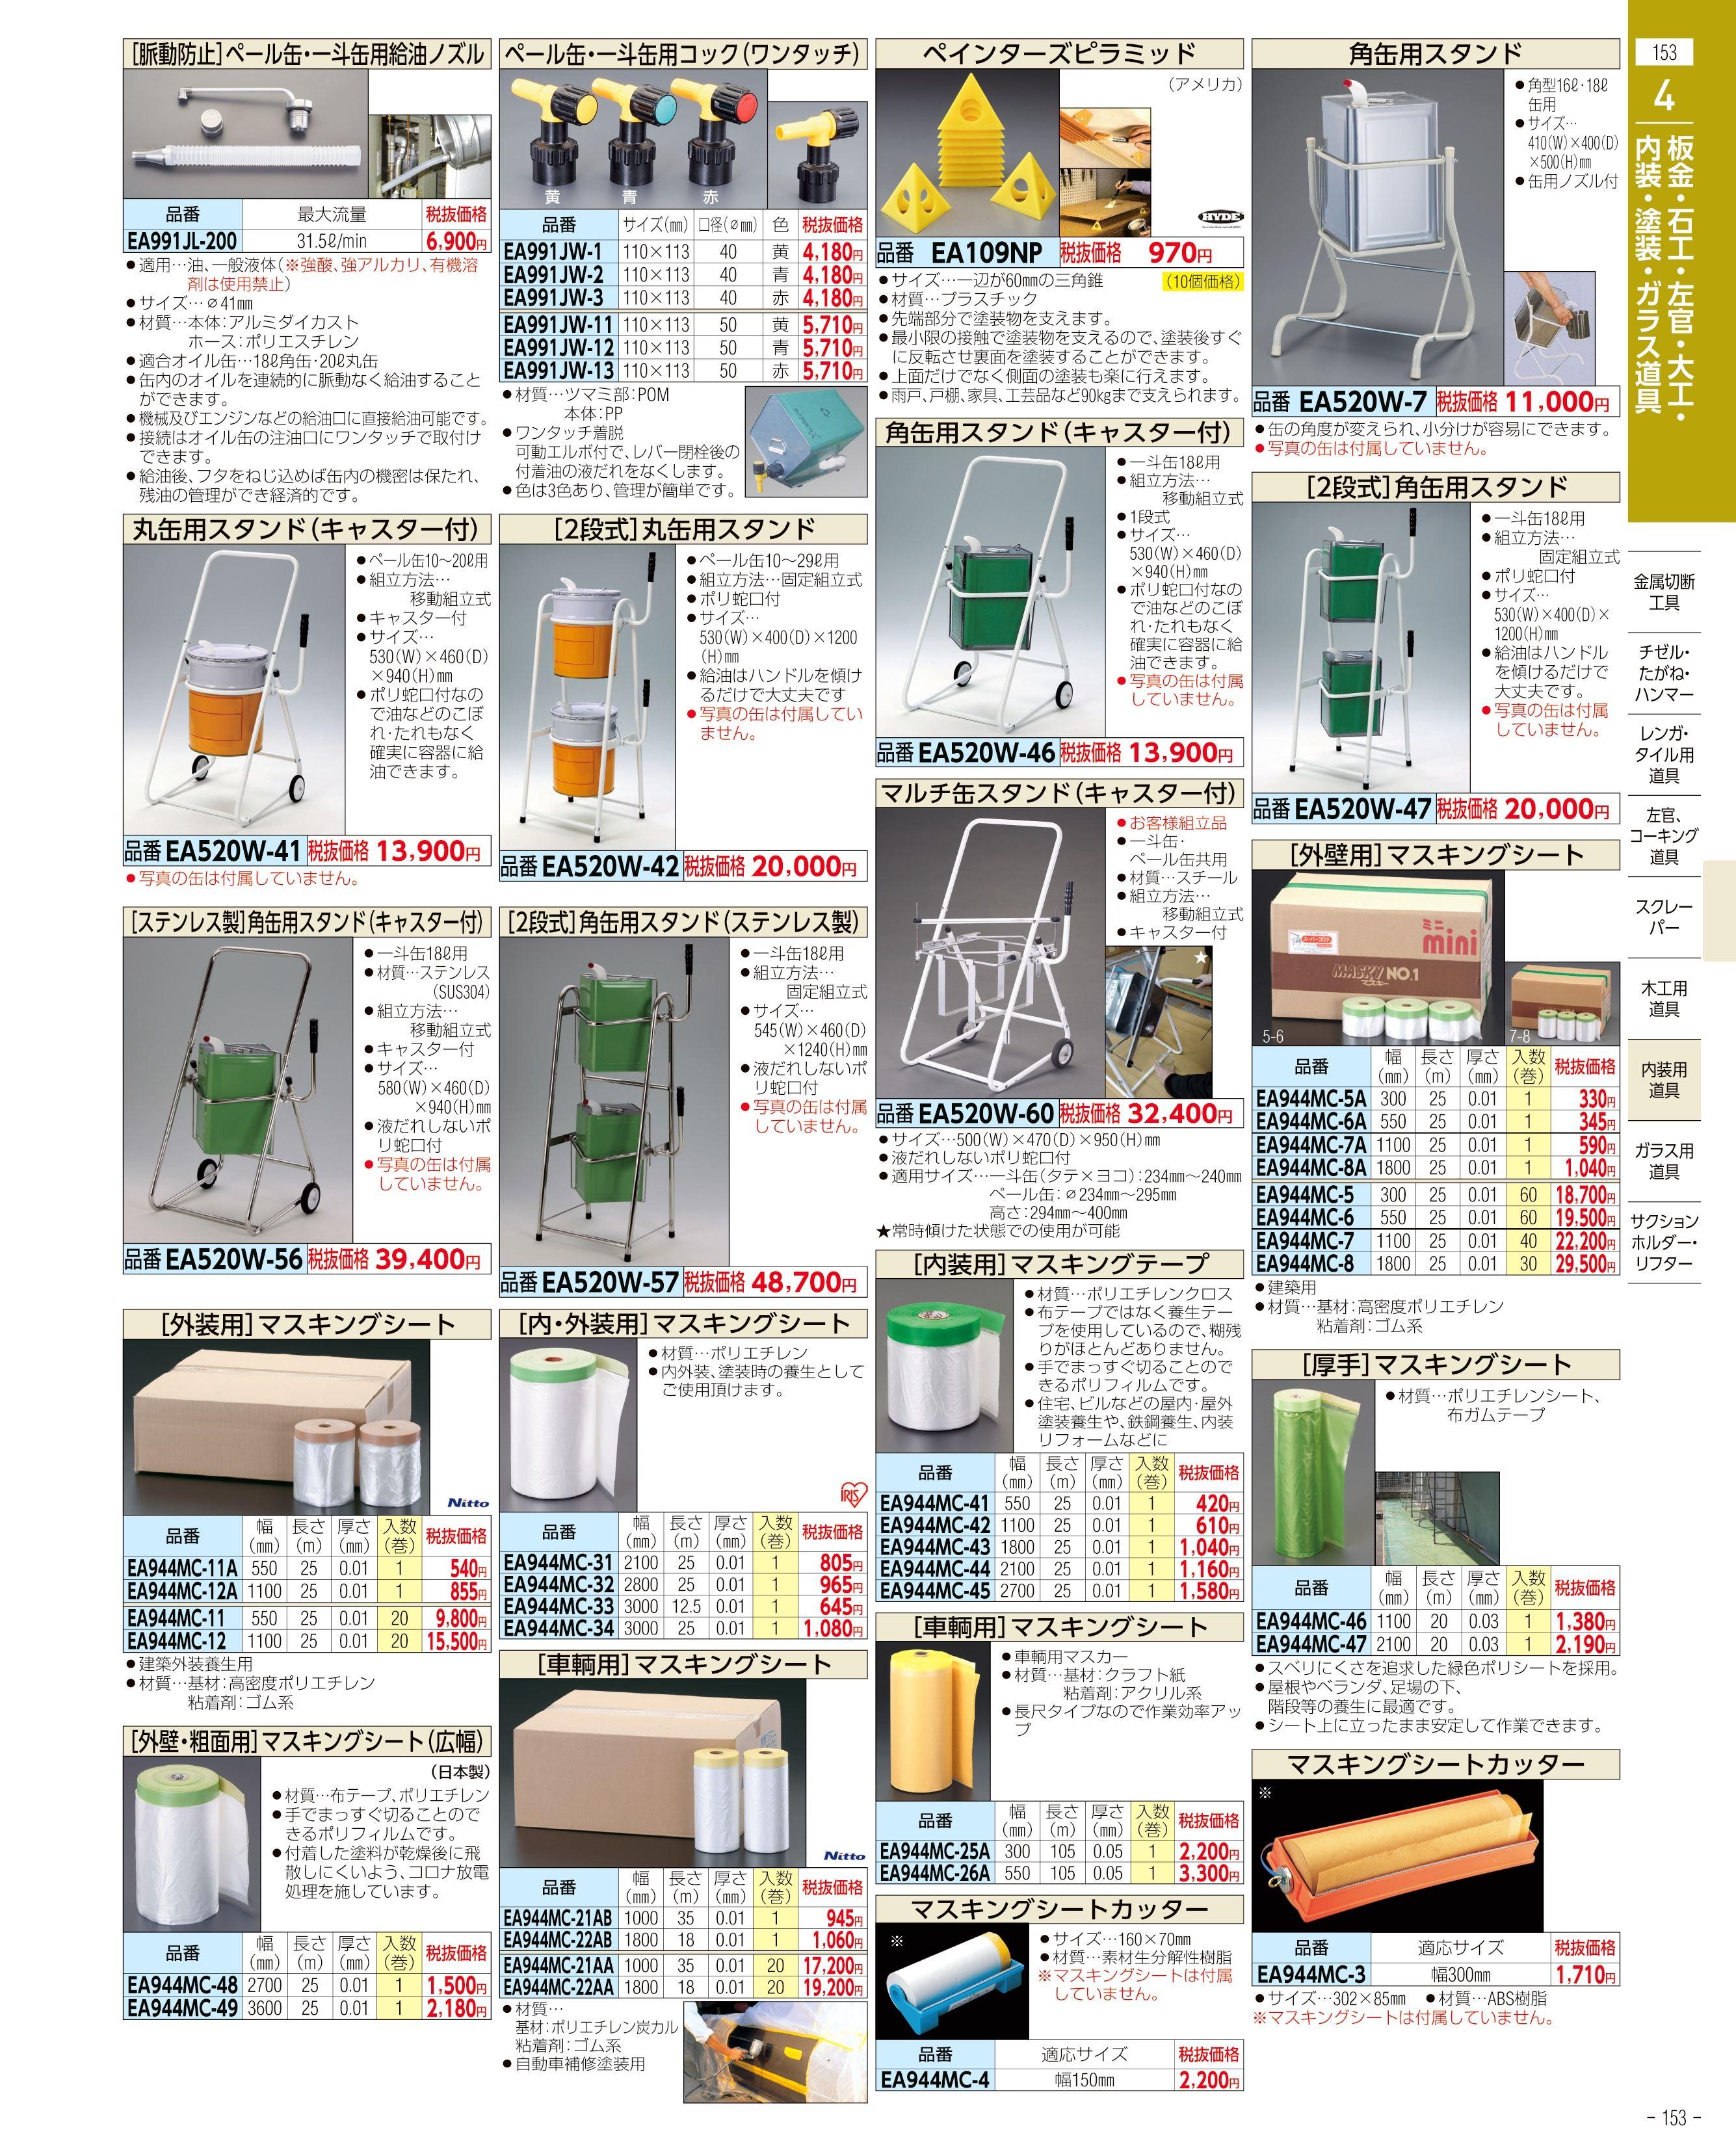 エスコ便利カタログ153ページ